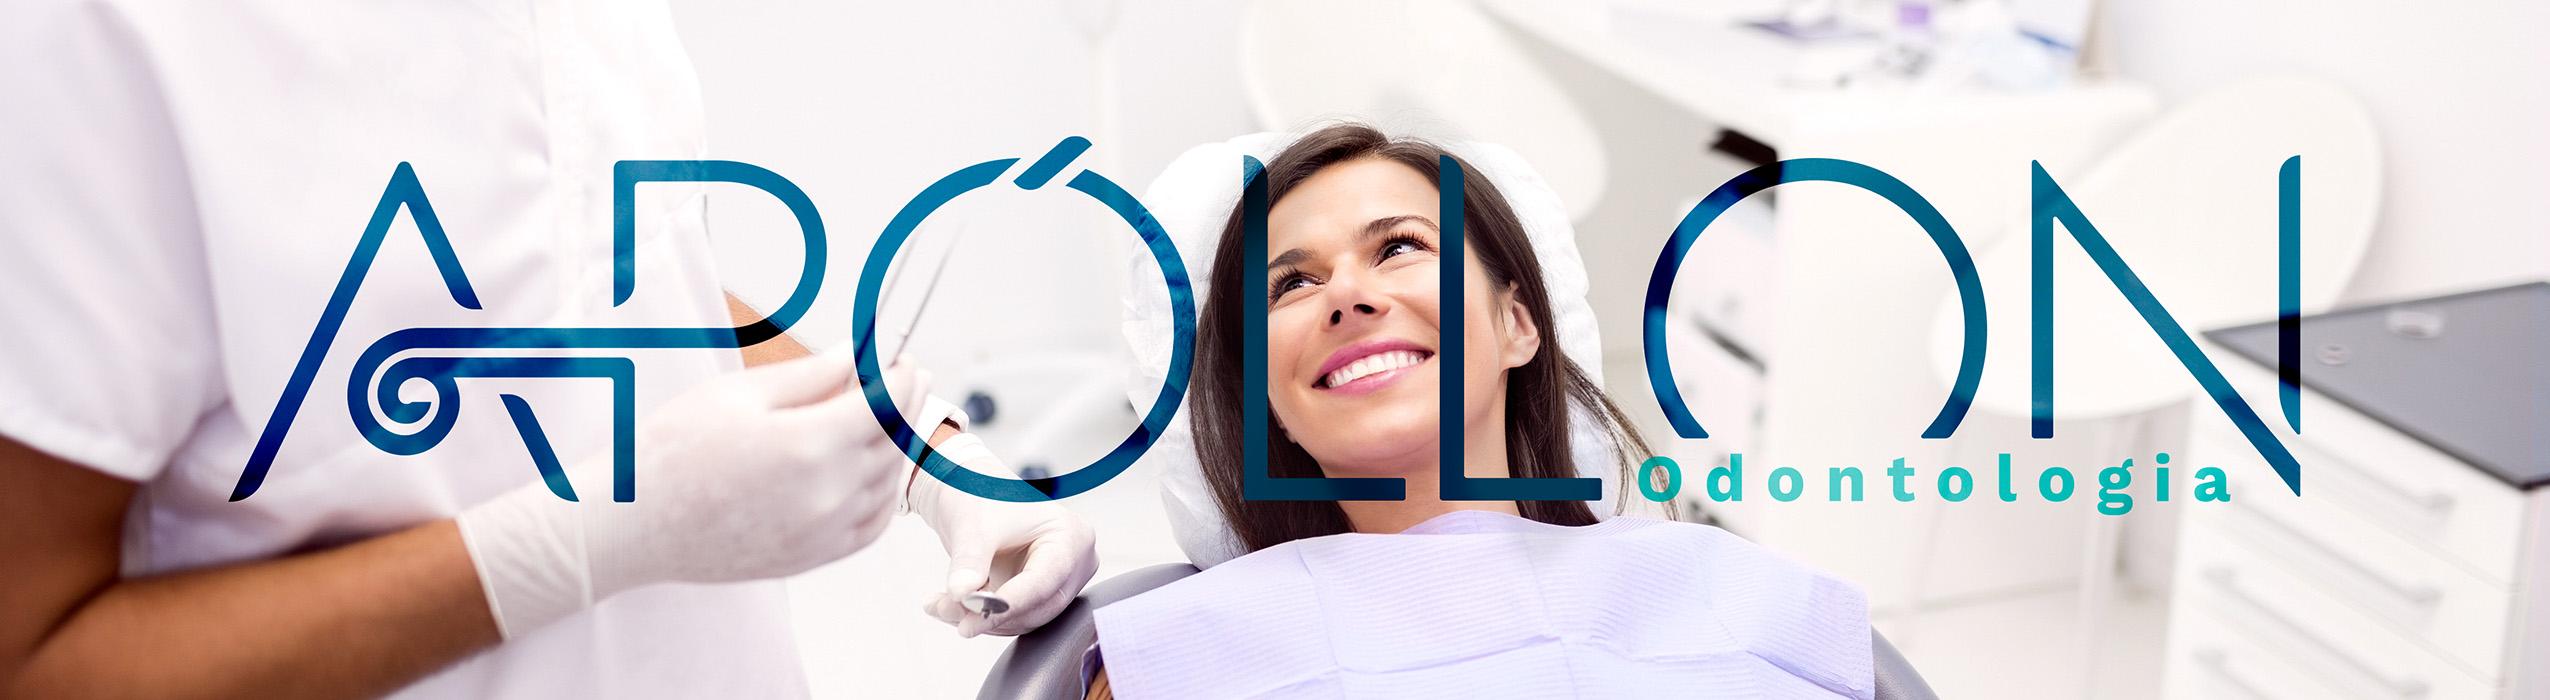 Apóllon Odontologia